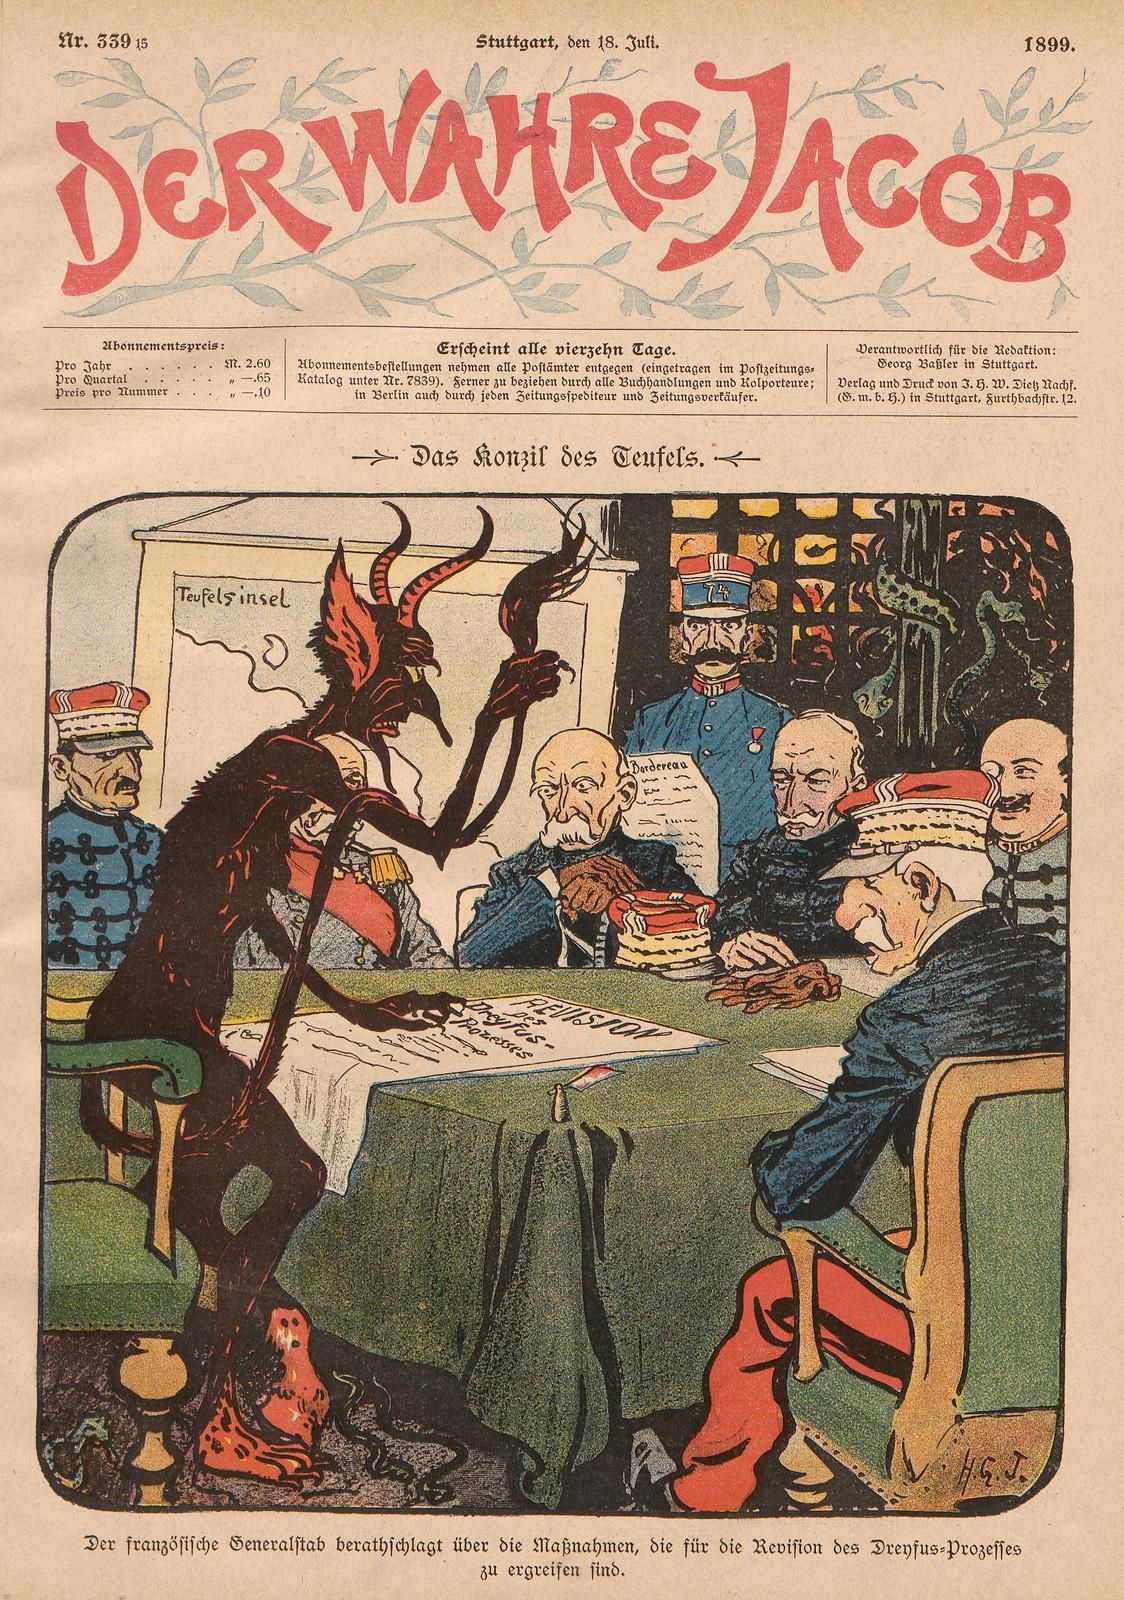 Hans Gabriel Jentzsch - The Council of the Devil, 1899